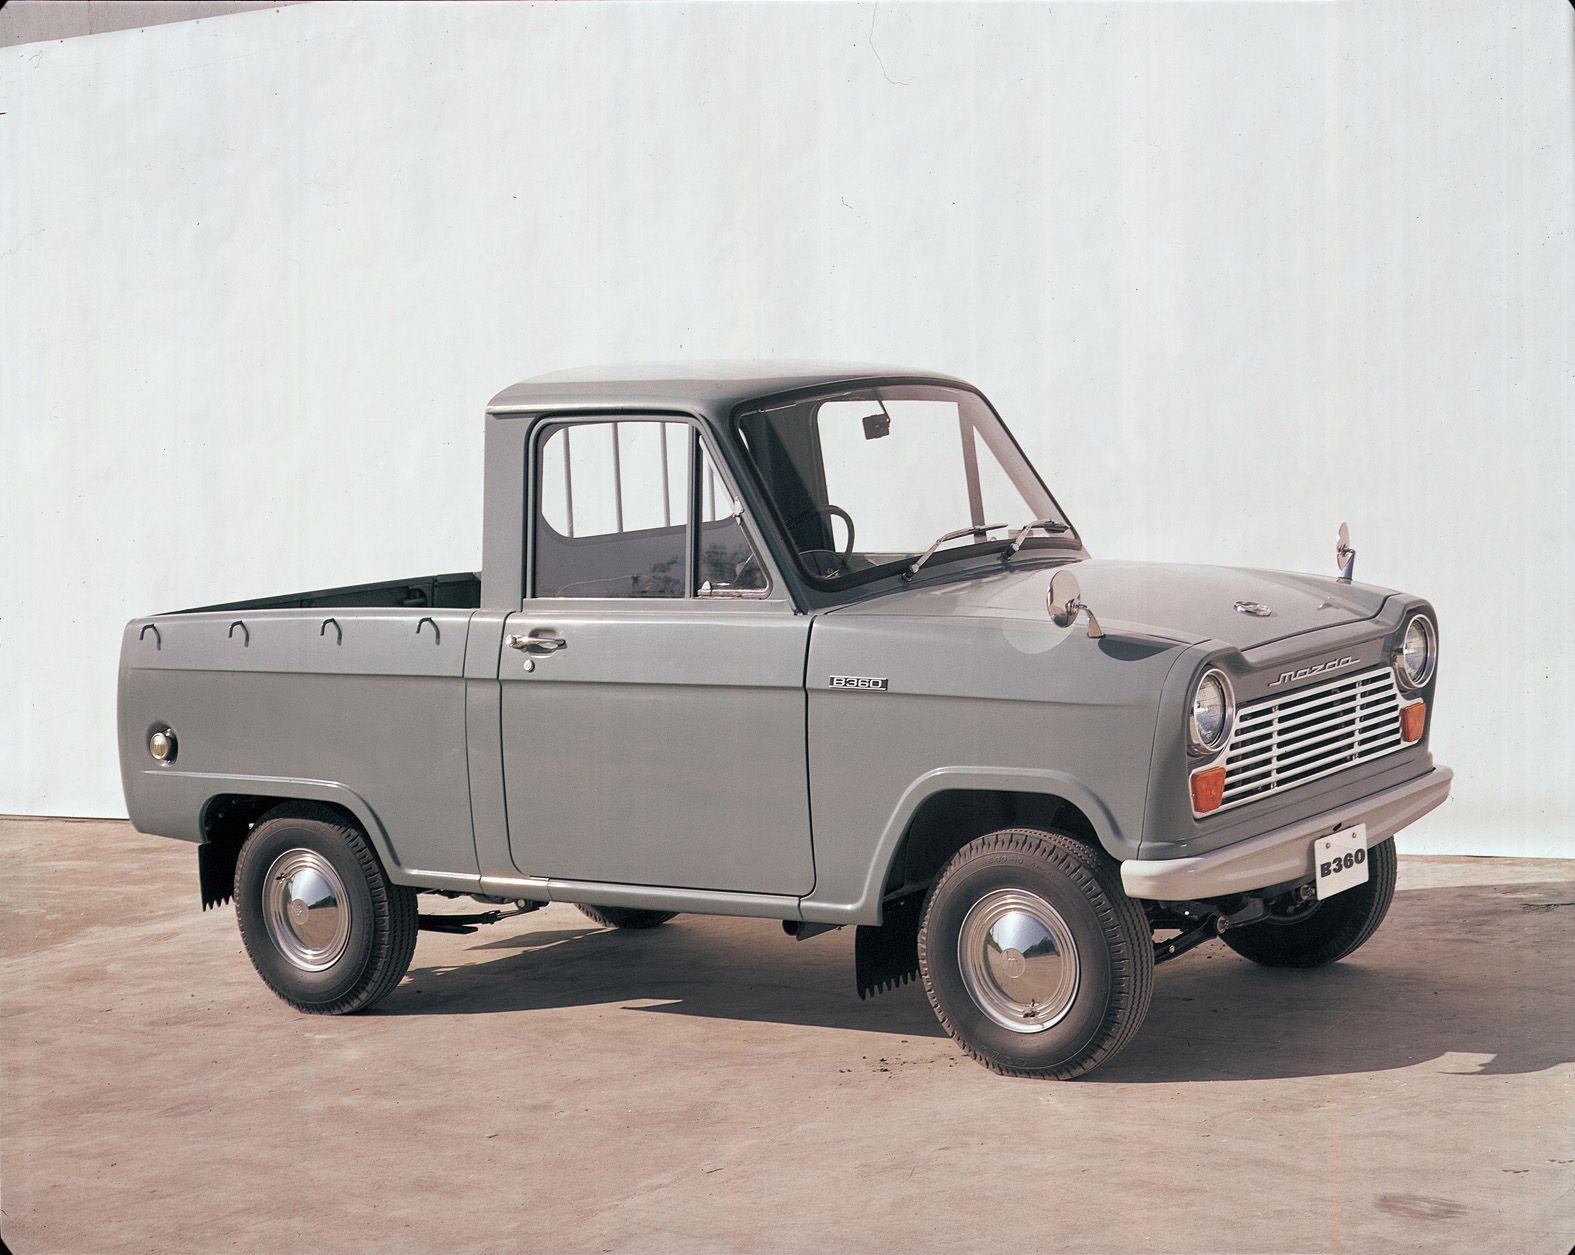 B360 Pick-up 1963